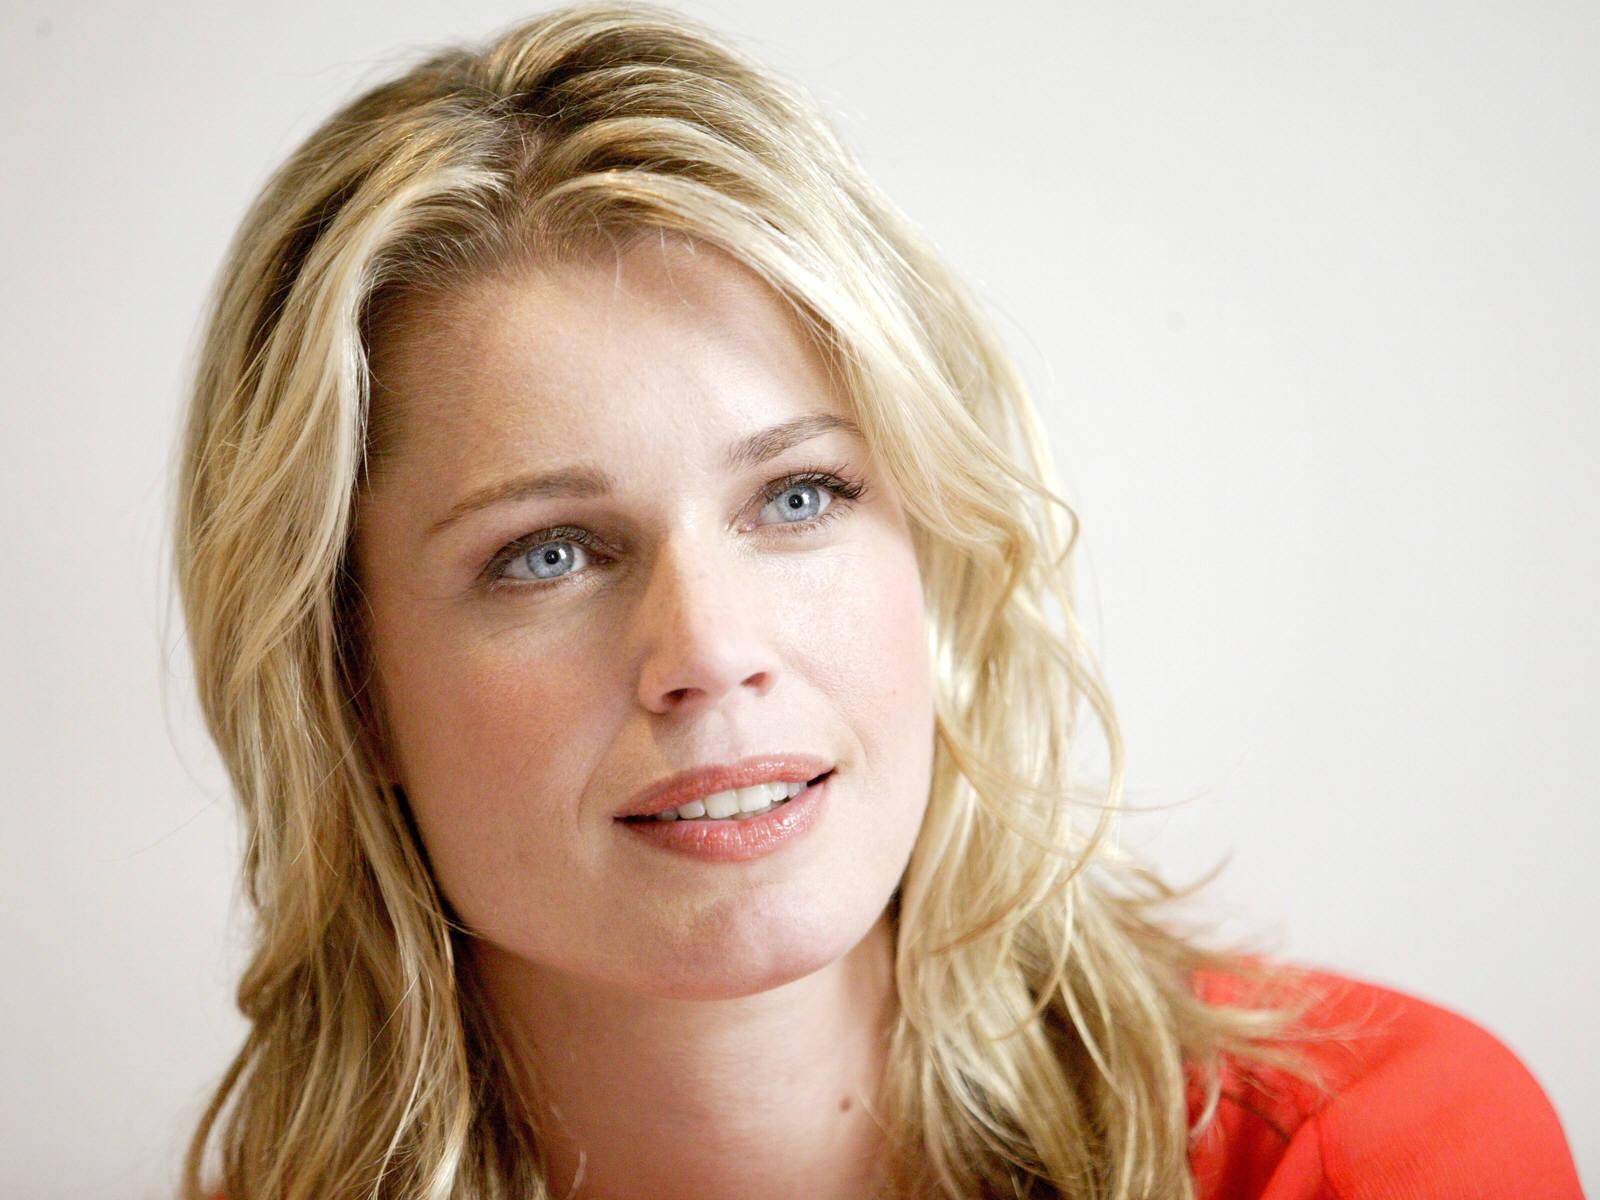 Rebecca Romijn Backgrounds